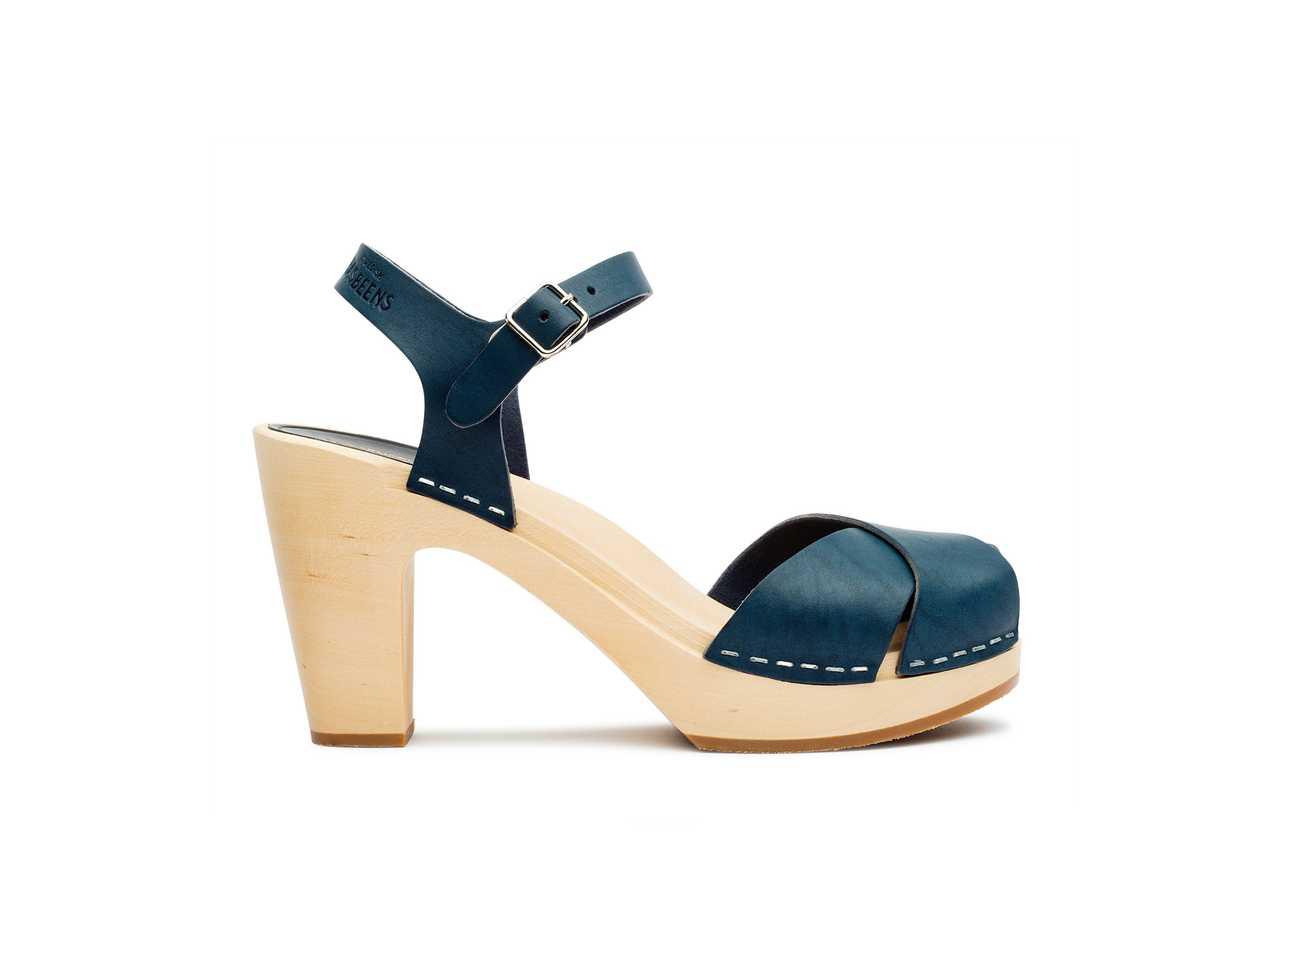 Product image Merci Sandal